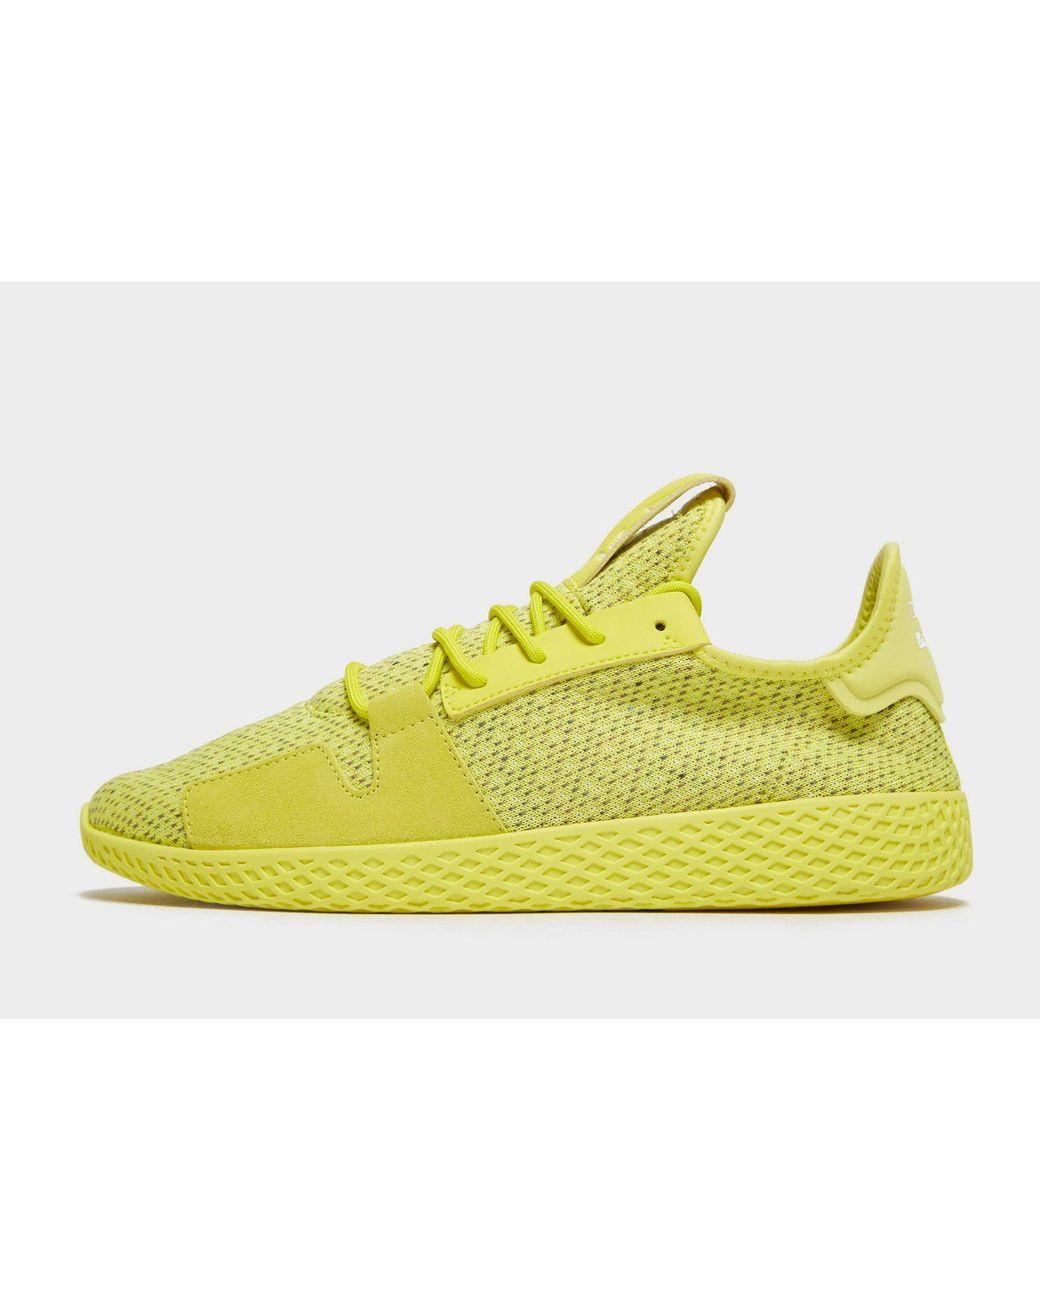 d54d3b196 Lyst - adidas Originals X Pharrell Williams Tennis Hu V2 in Yellow ...